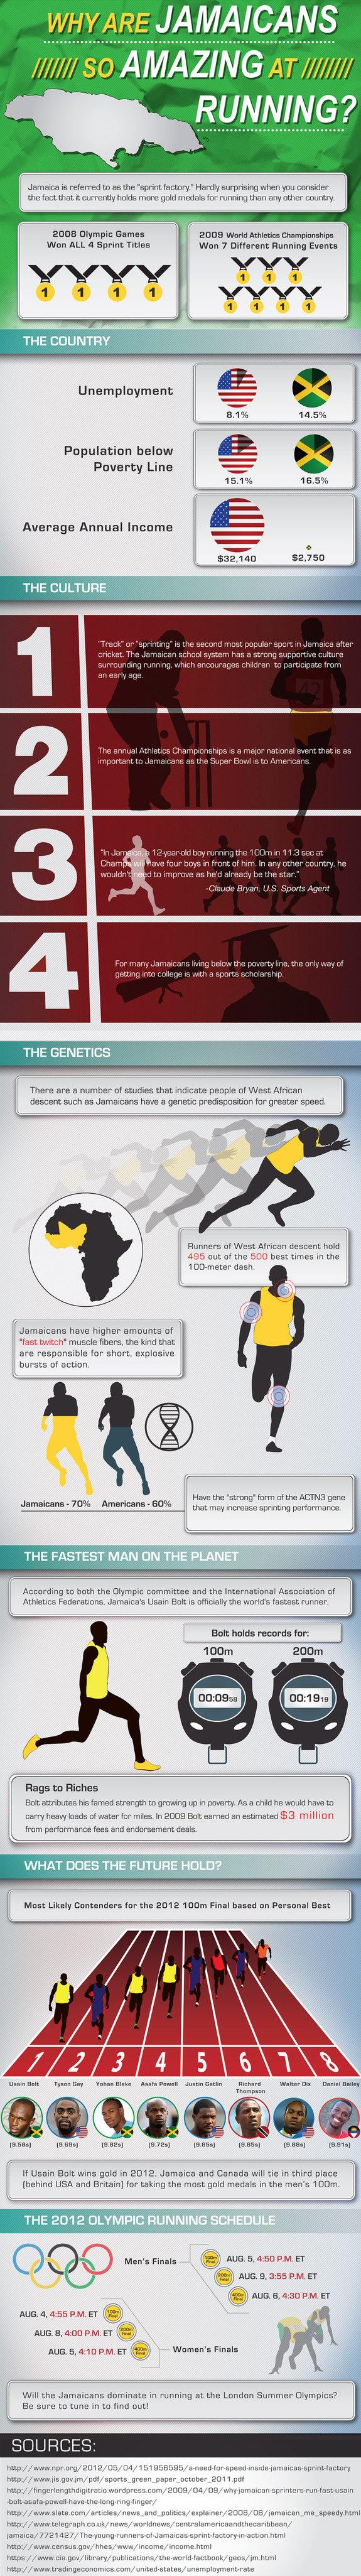 Jamaica running infographic